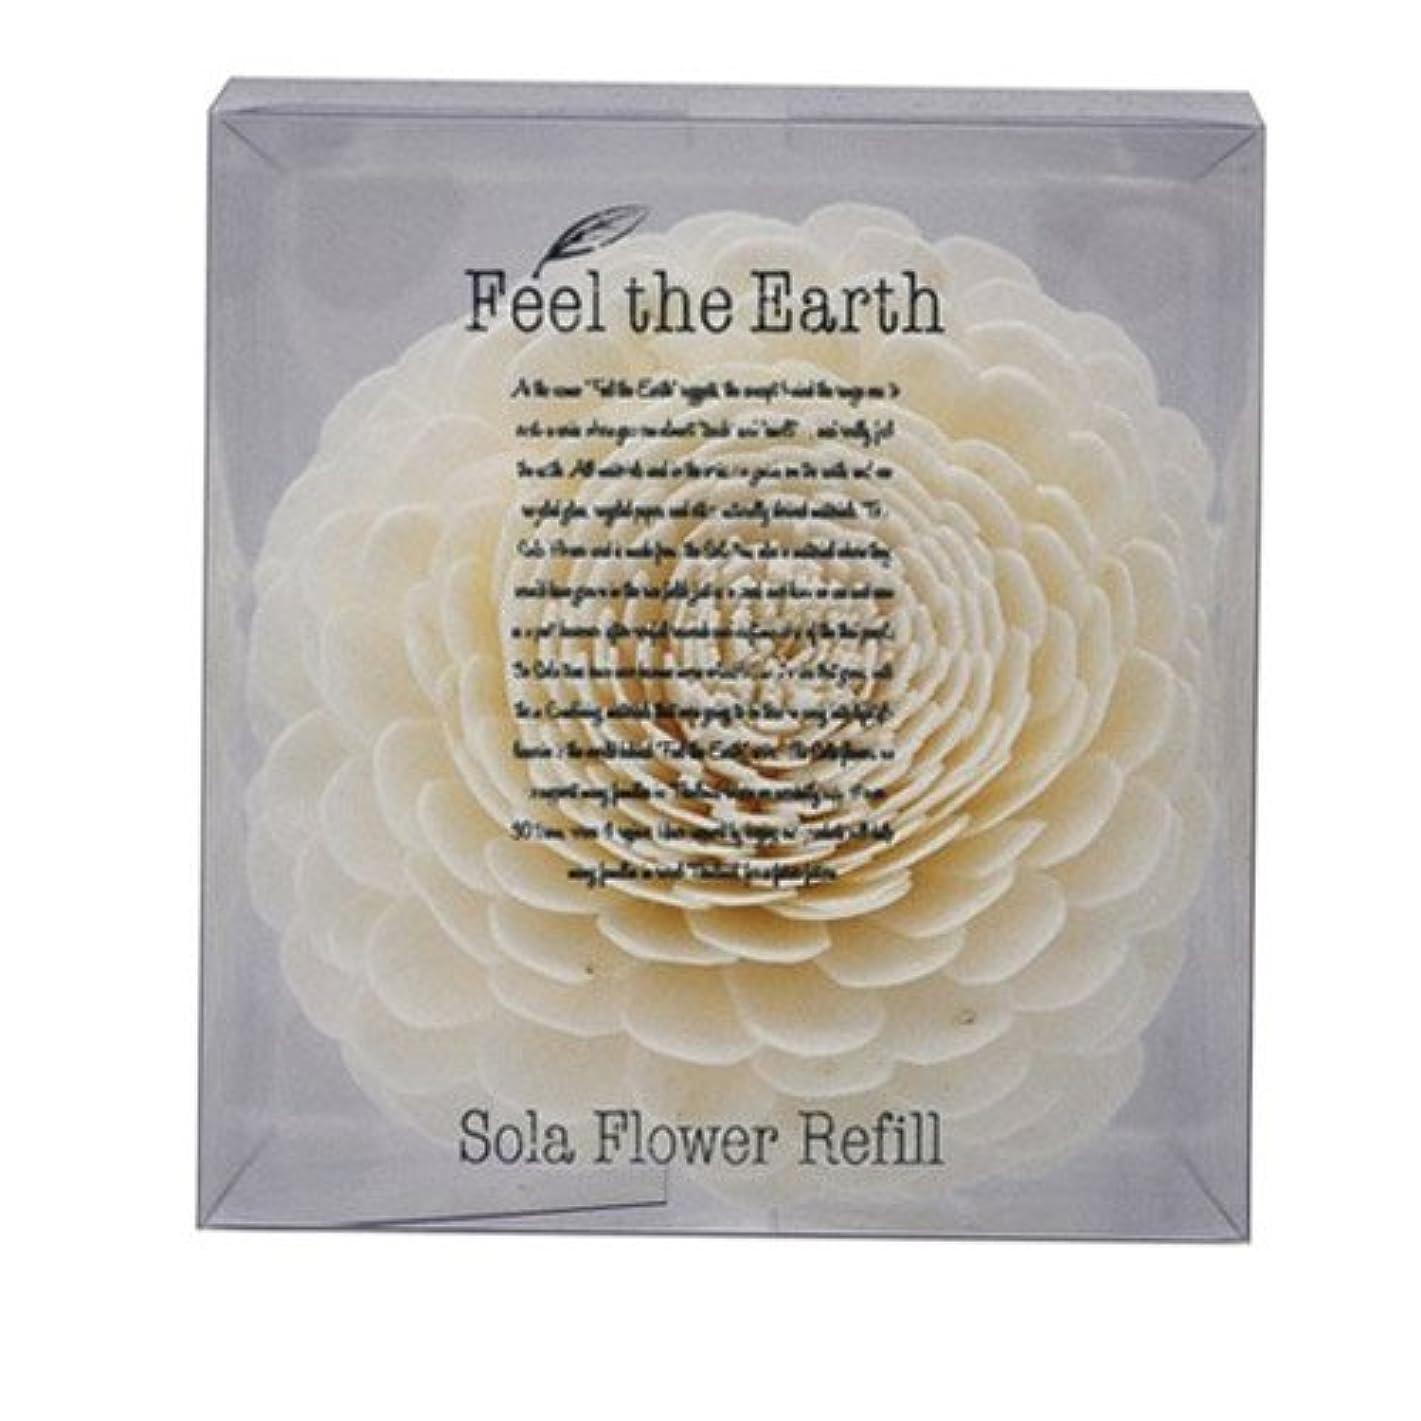 廃止する荒れ地知っているに立ち寄るFEEL THE EARTH ソラフラワー リフィル ダリア DAHLIA フィール ジ アース